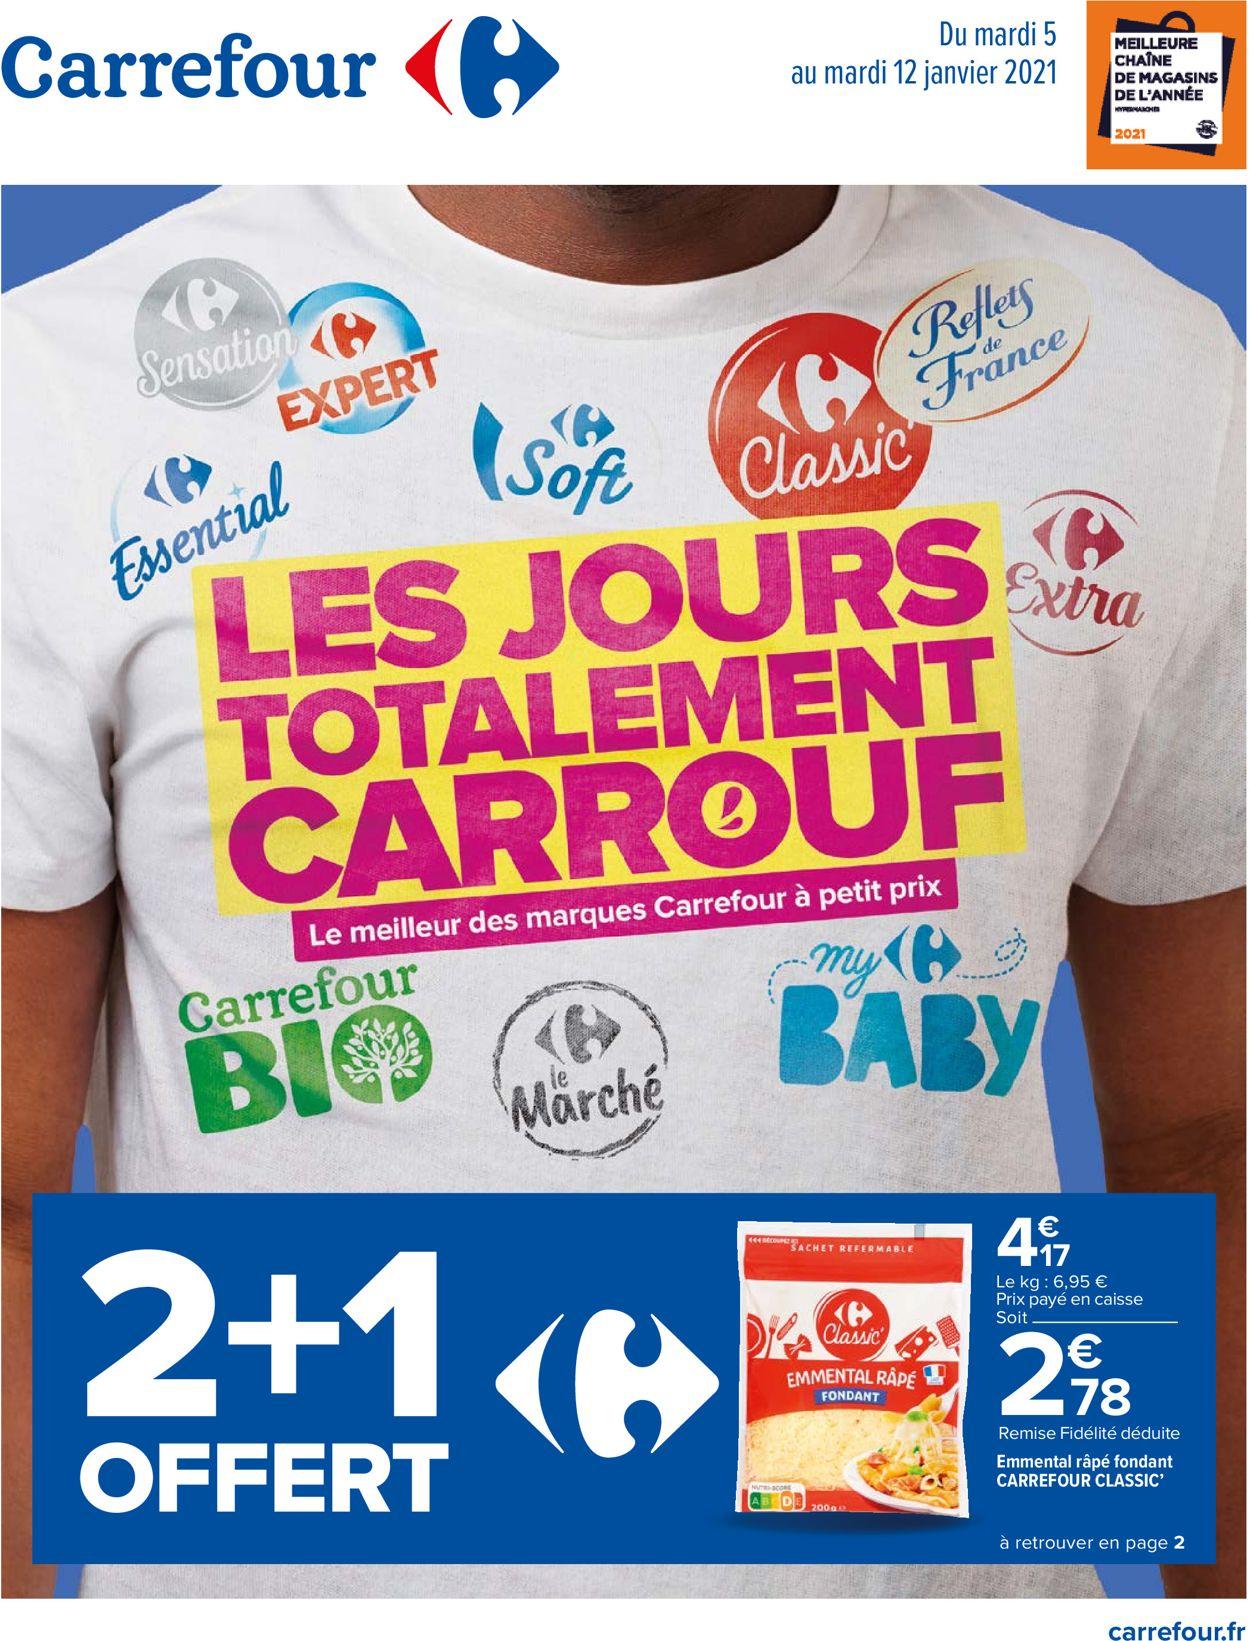 Carrefour Les Jours Totalment CARROUF Catalogue - 05.01-12.01.2021